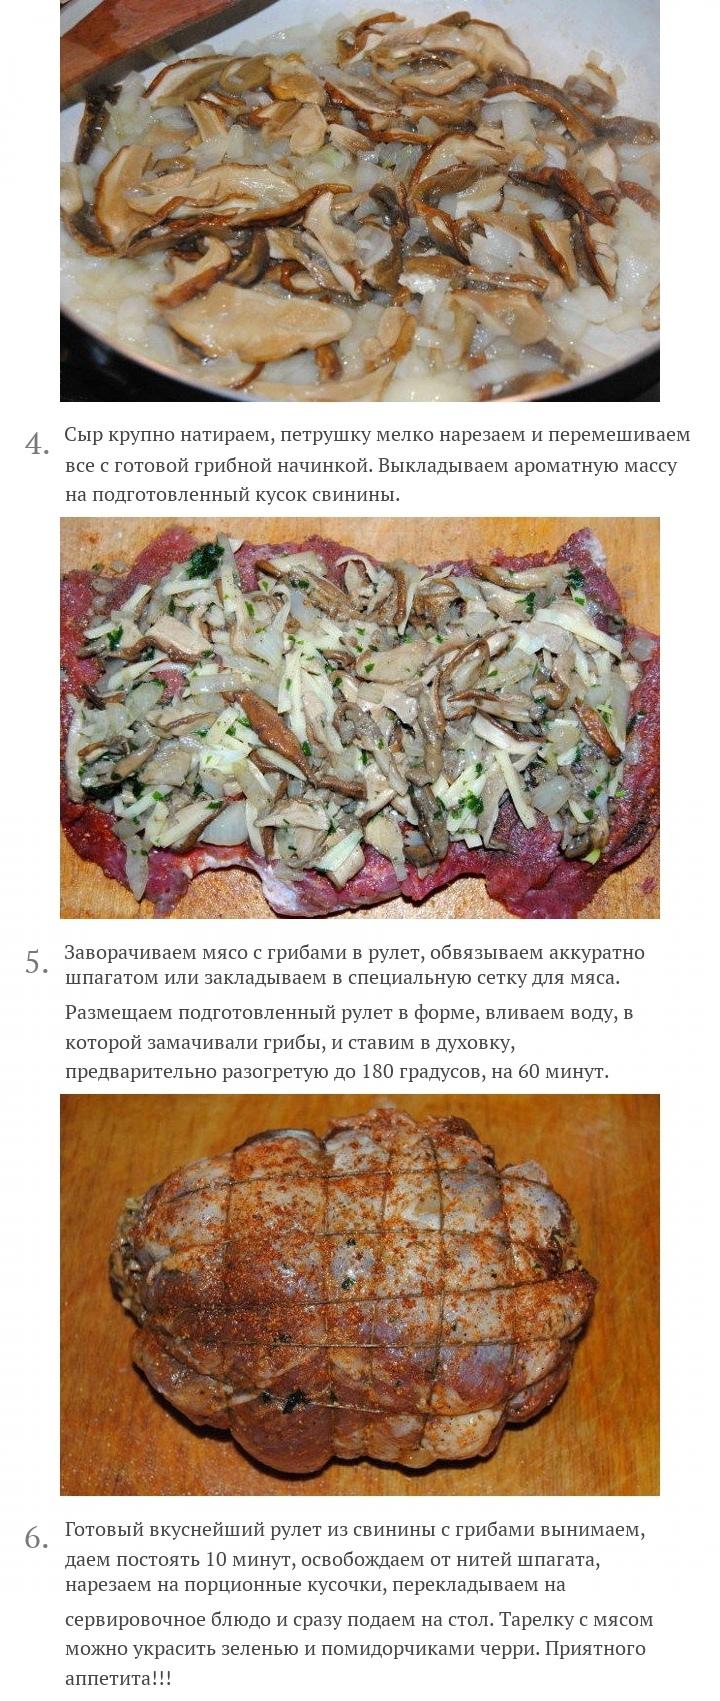 Свиной рулет с сушеными белыми грибами, изображение №3